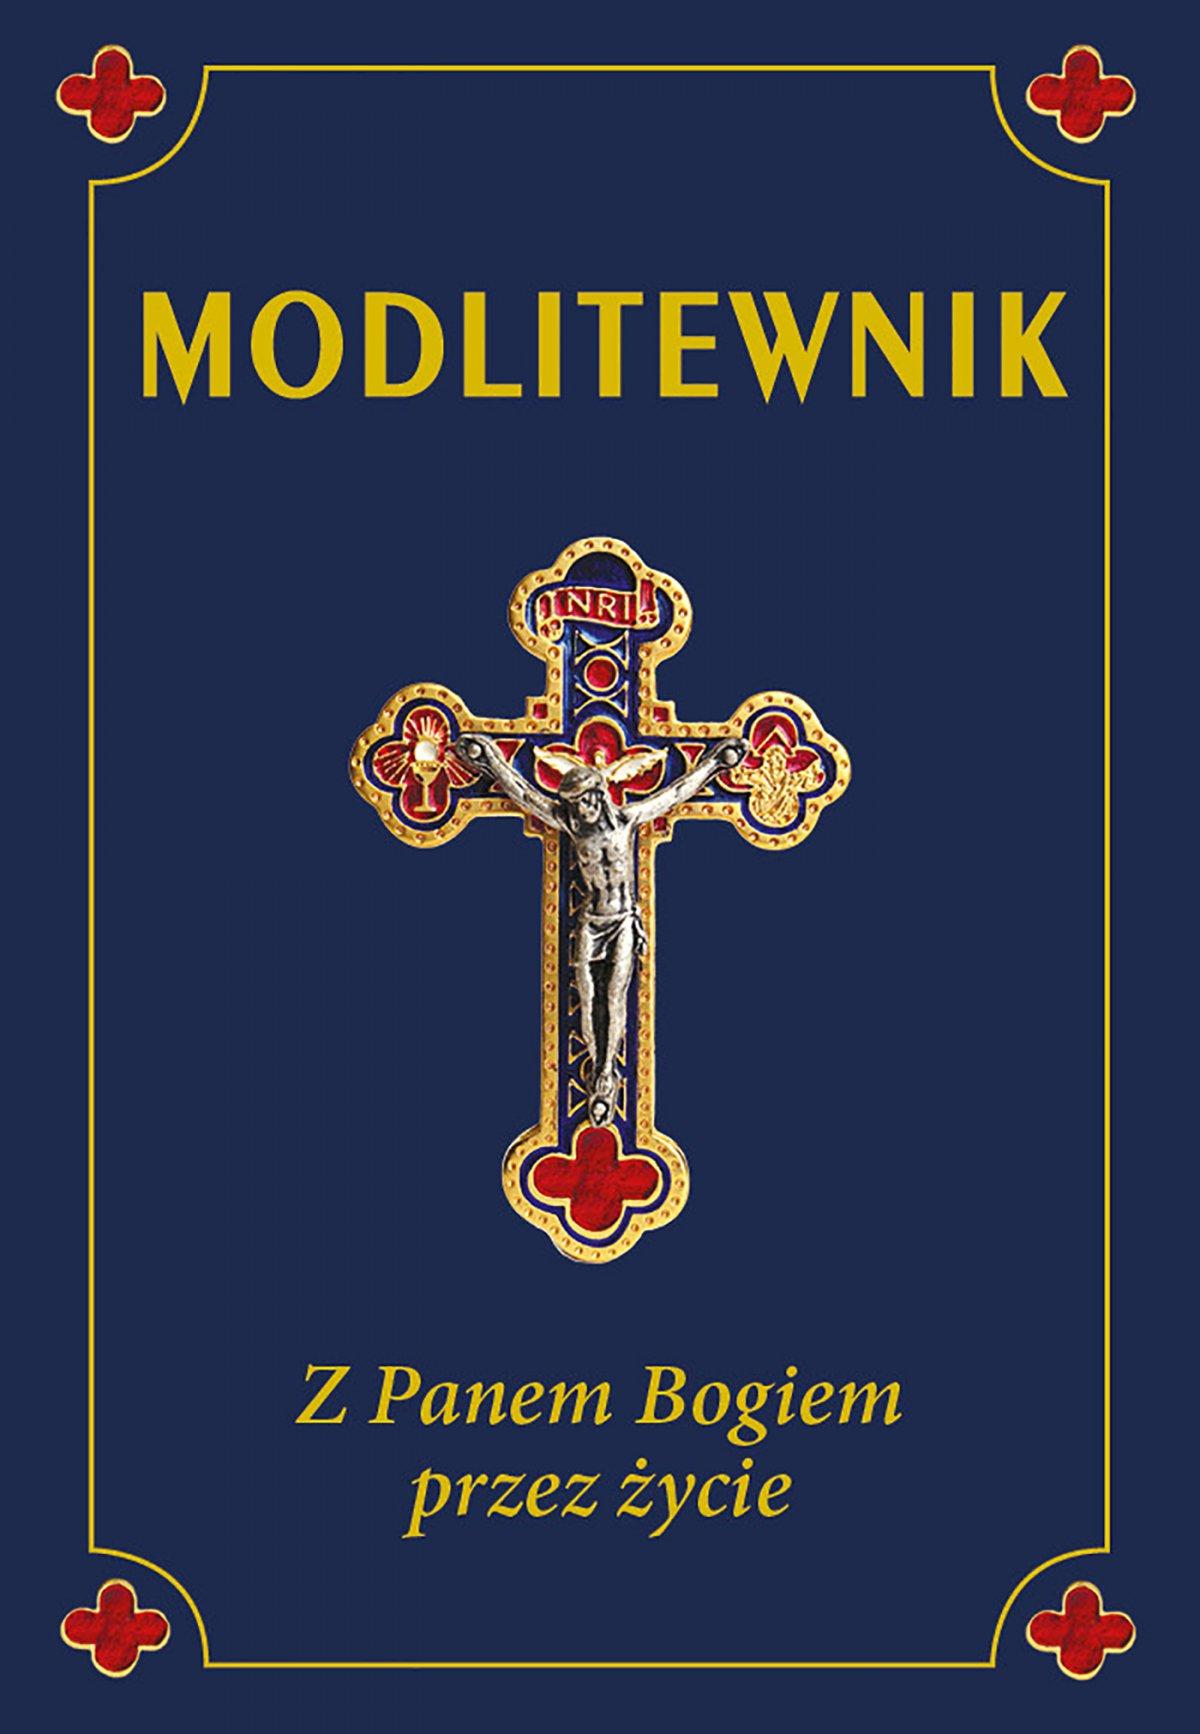 Modlitewnik. Z Panem Bogiem przez życie - Ebook (Książka EPUB) do pobrania w formacie EPUB